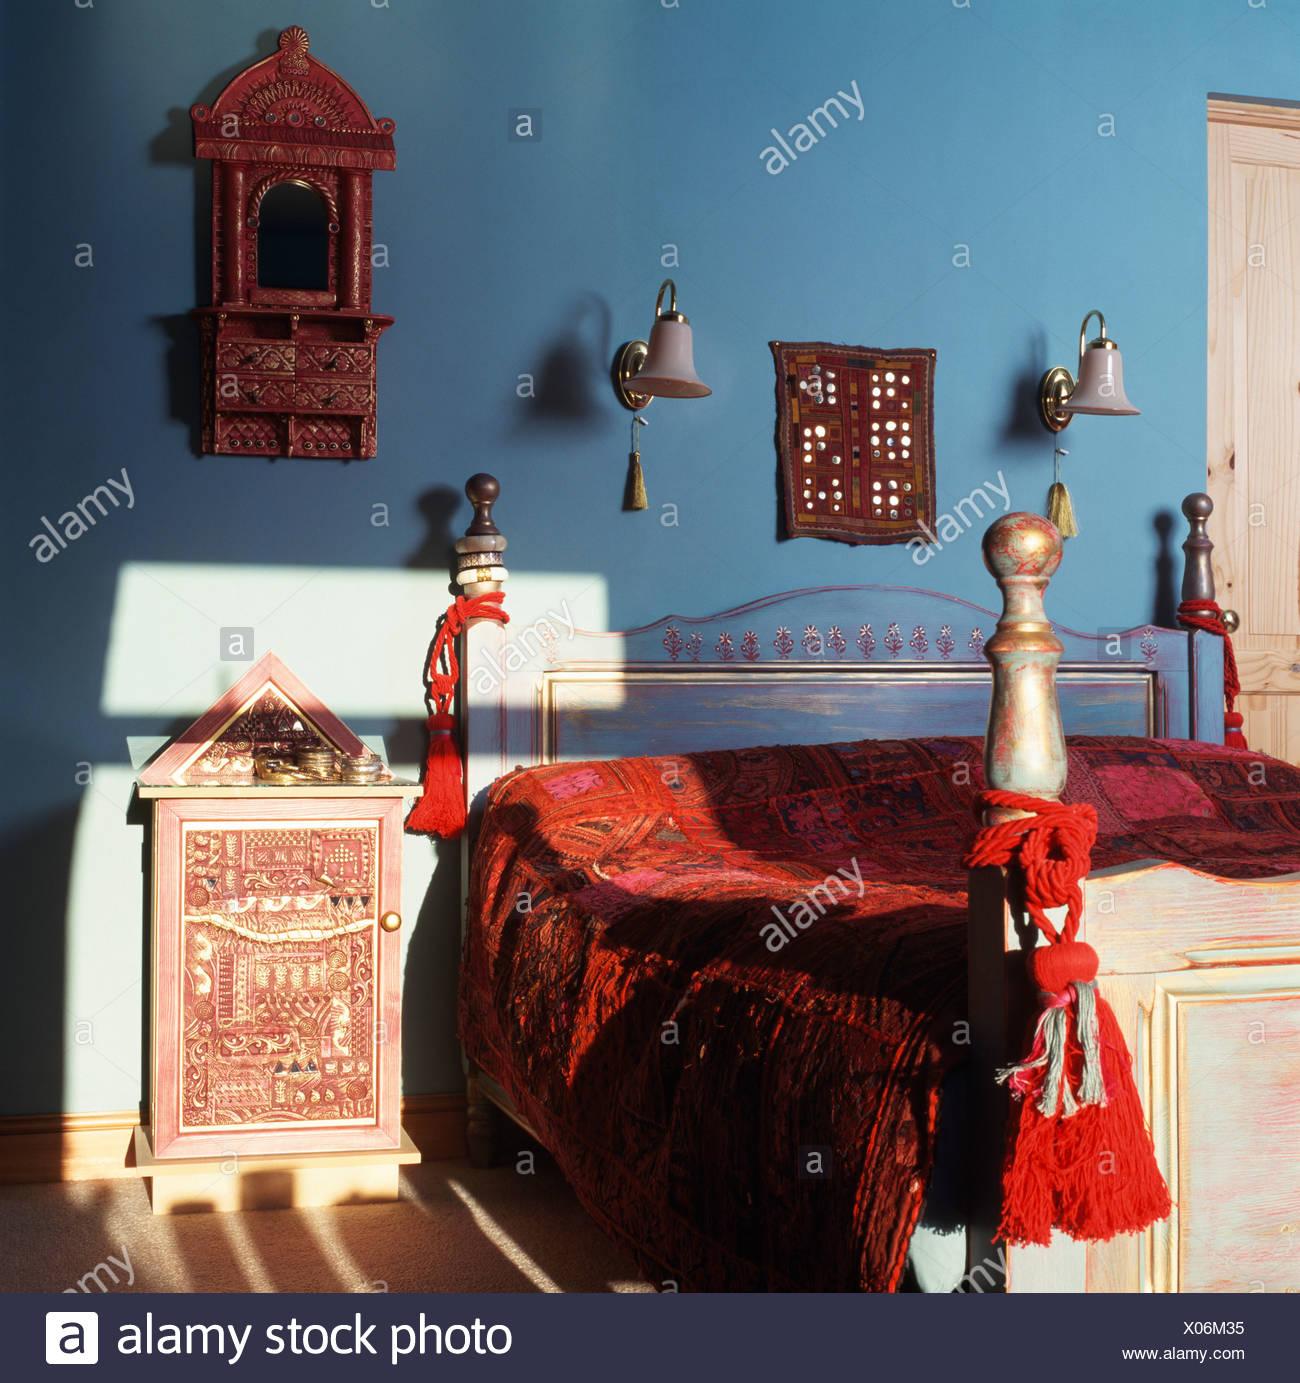 Nappe Rosso E Velluto Rosso Indiano Letto In Stile Coperchio Sul Letto Dipinte In Blu Con Camera Da Letto In Stile Indiano Comodino Foto Stock Alamy